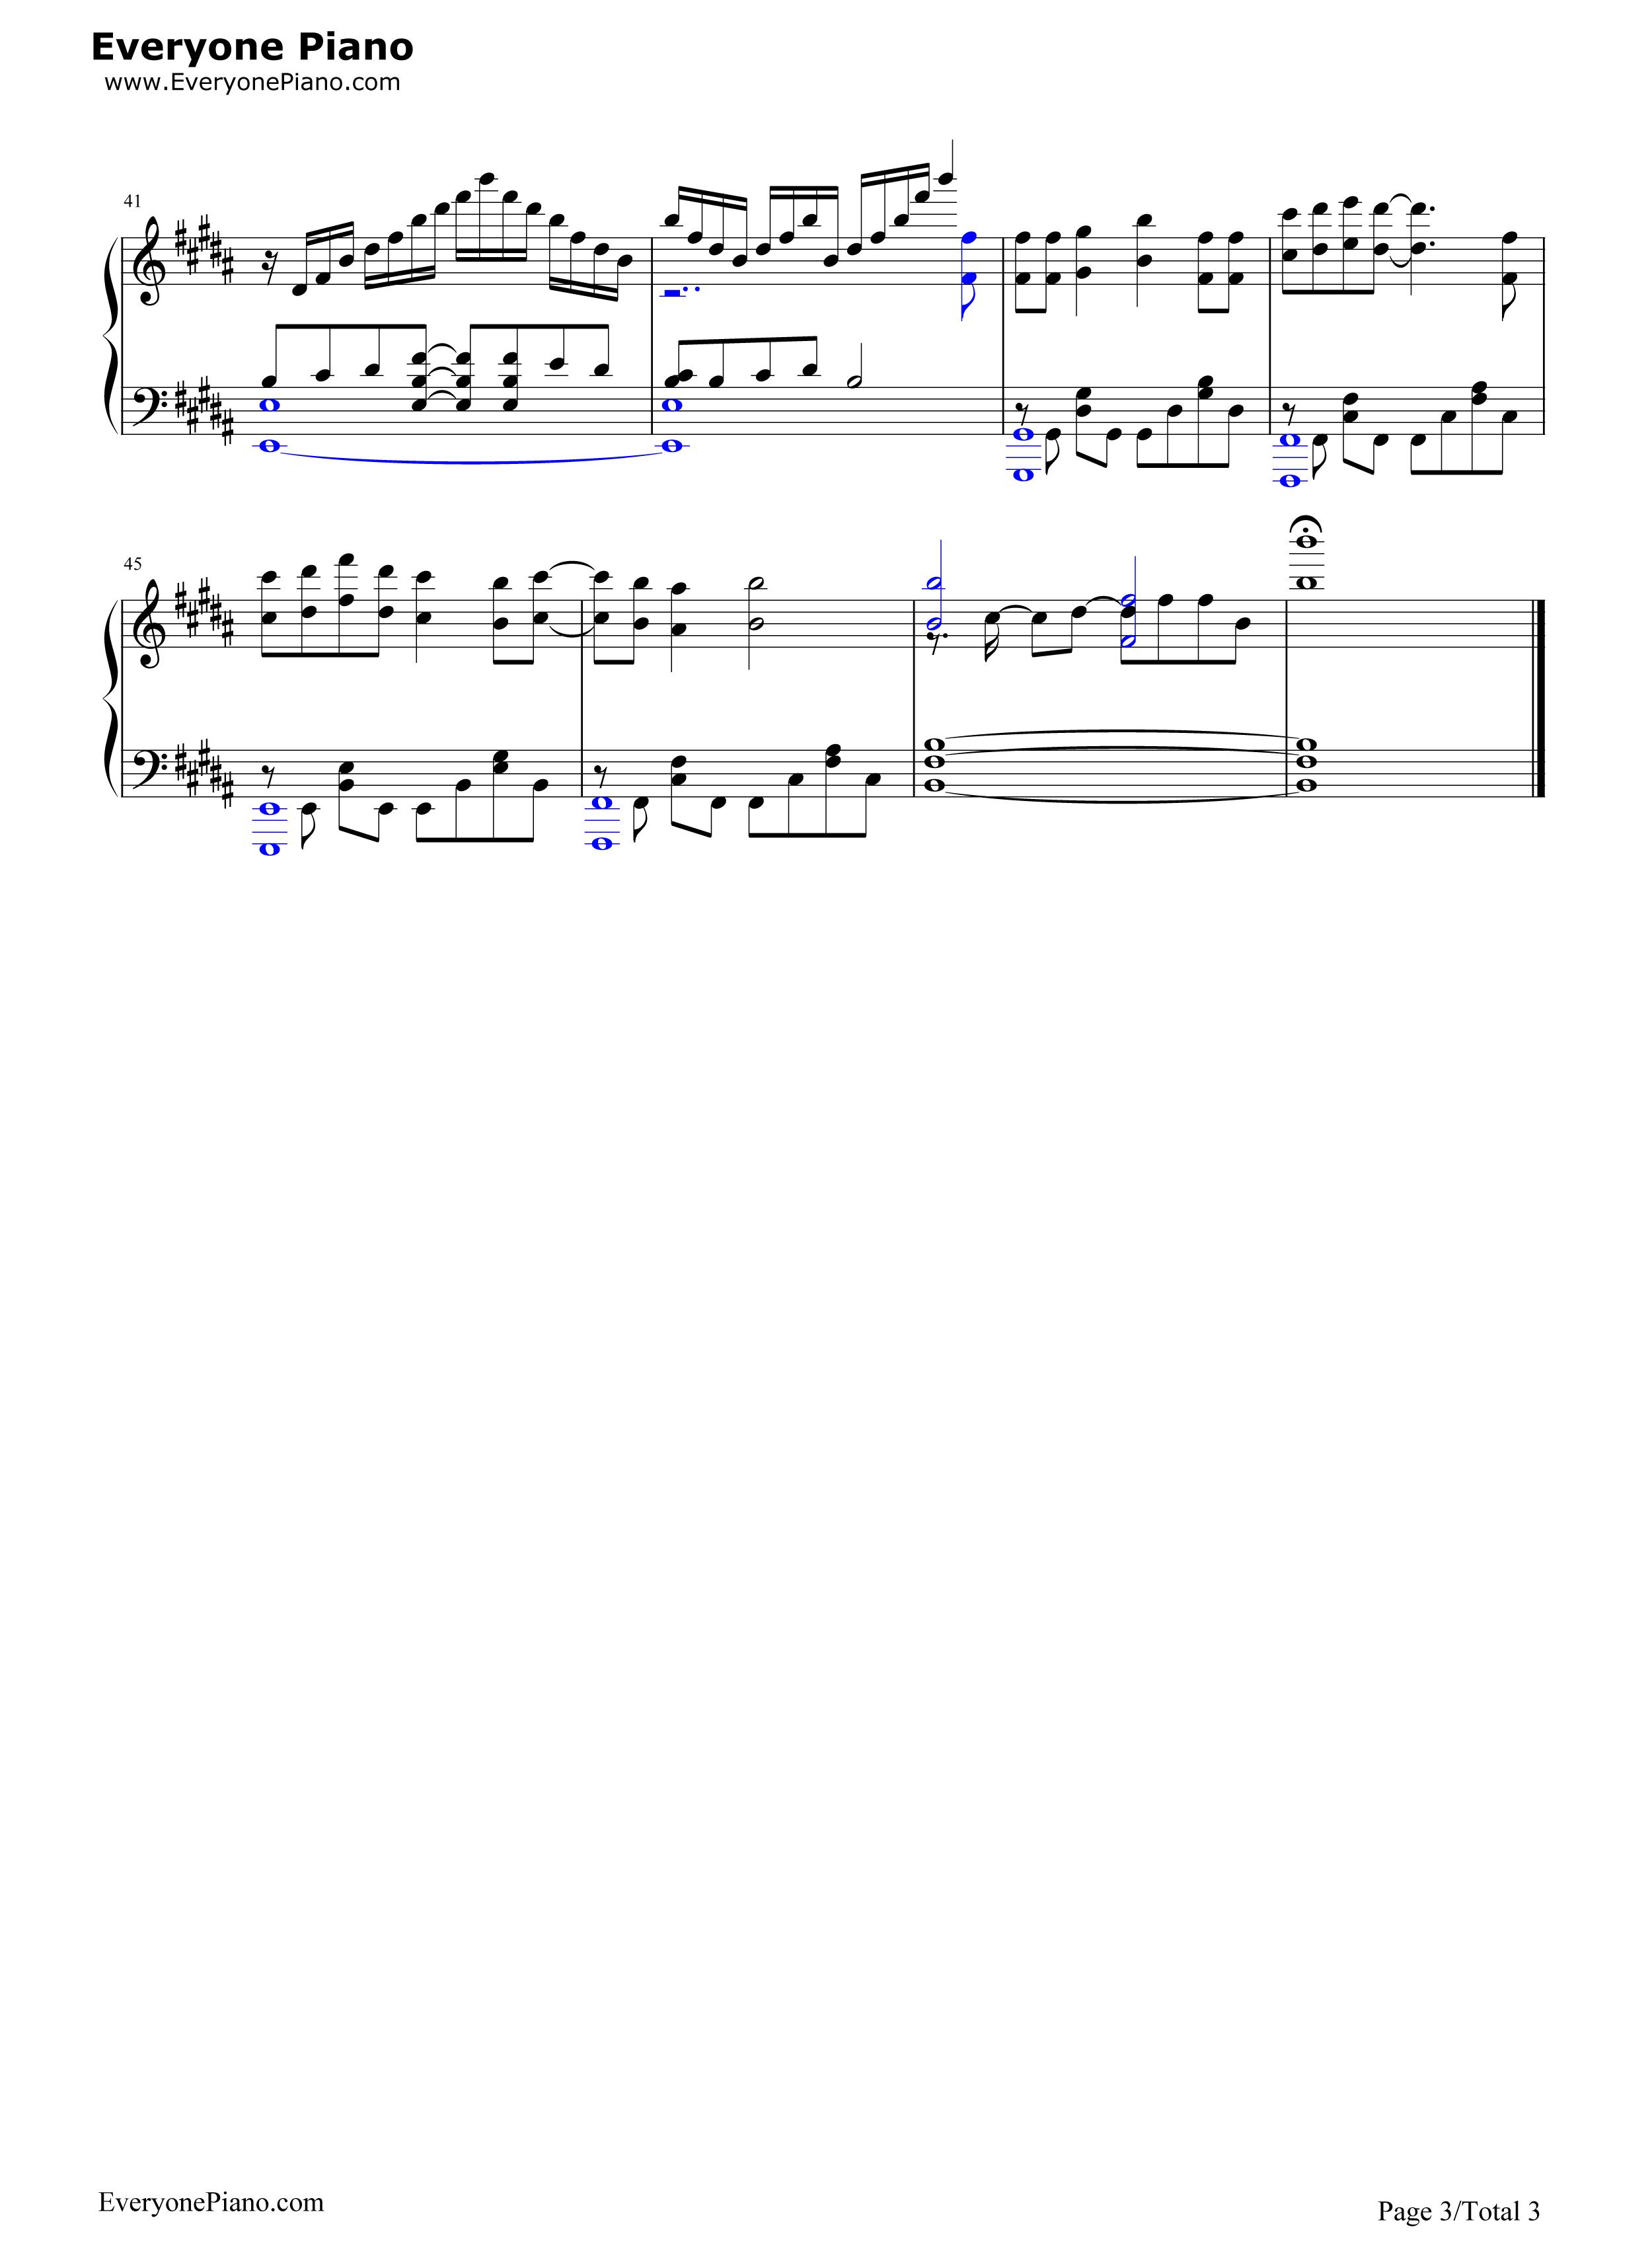 钢琴曲谱 动漫 go-碧蓝幻想op go-碧蓝幻想op五线谱预览3  }  仅供